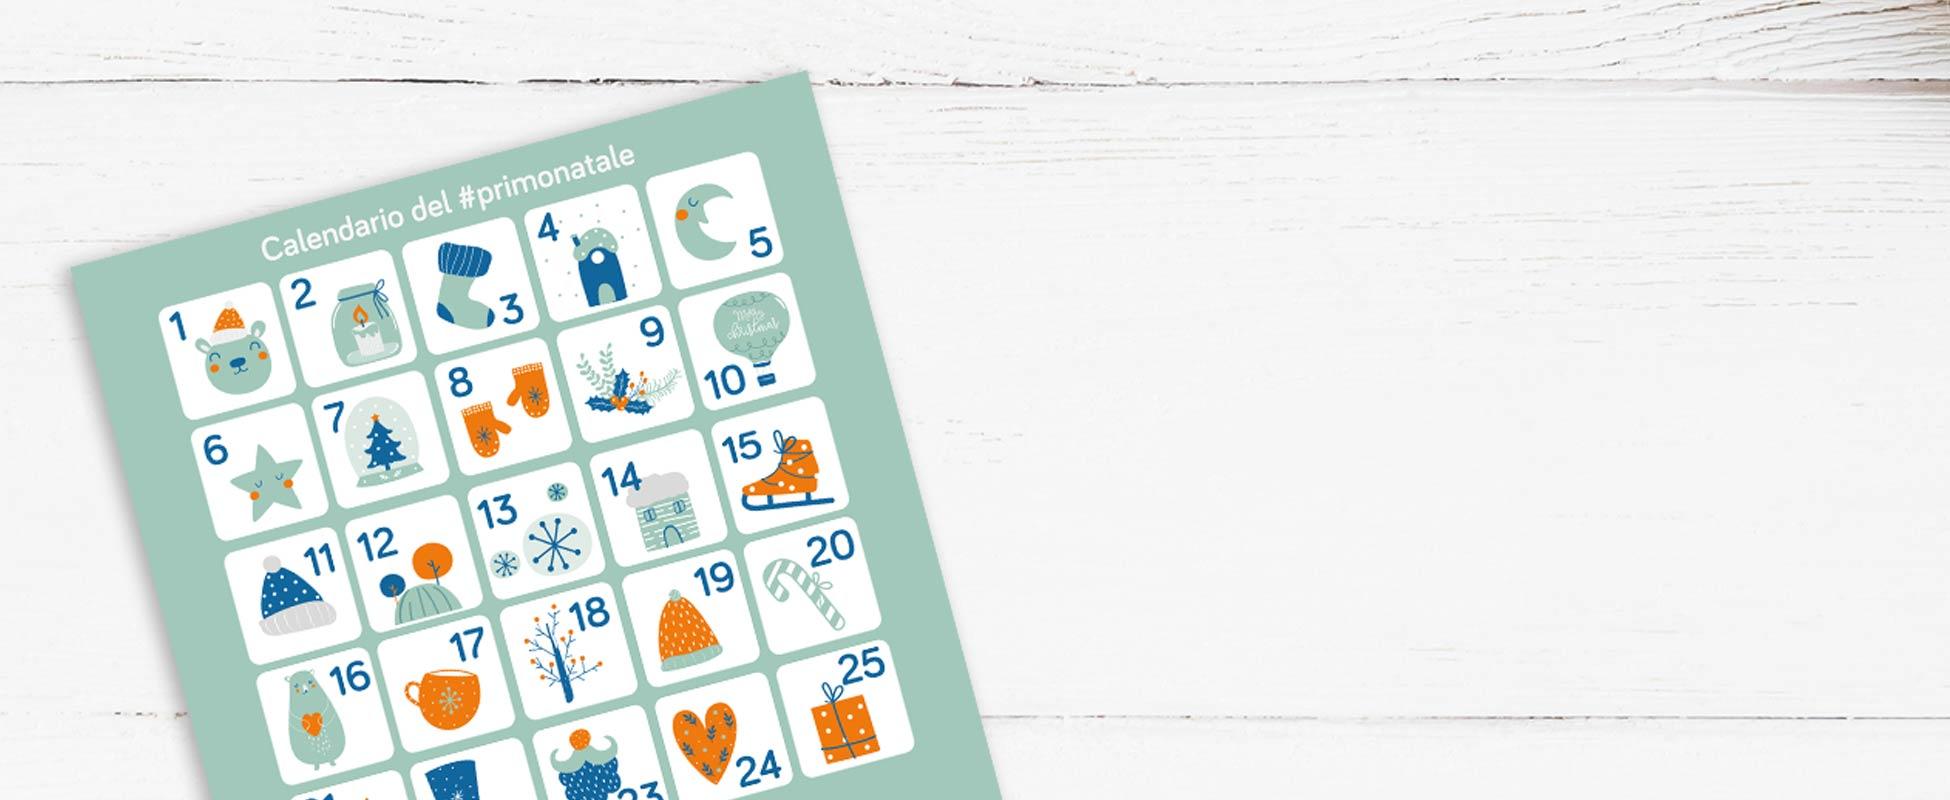 Calendario Avvento 2017